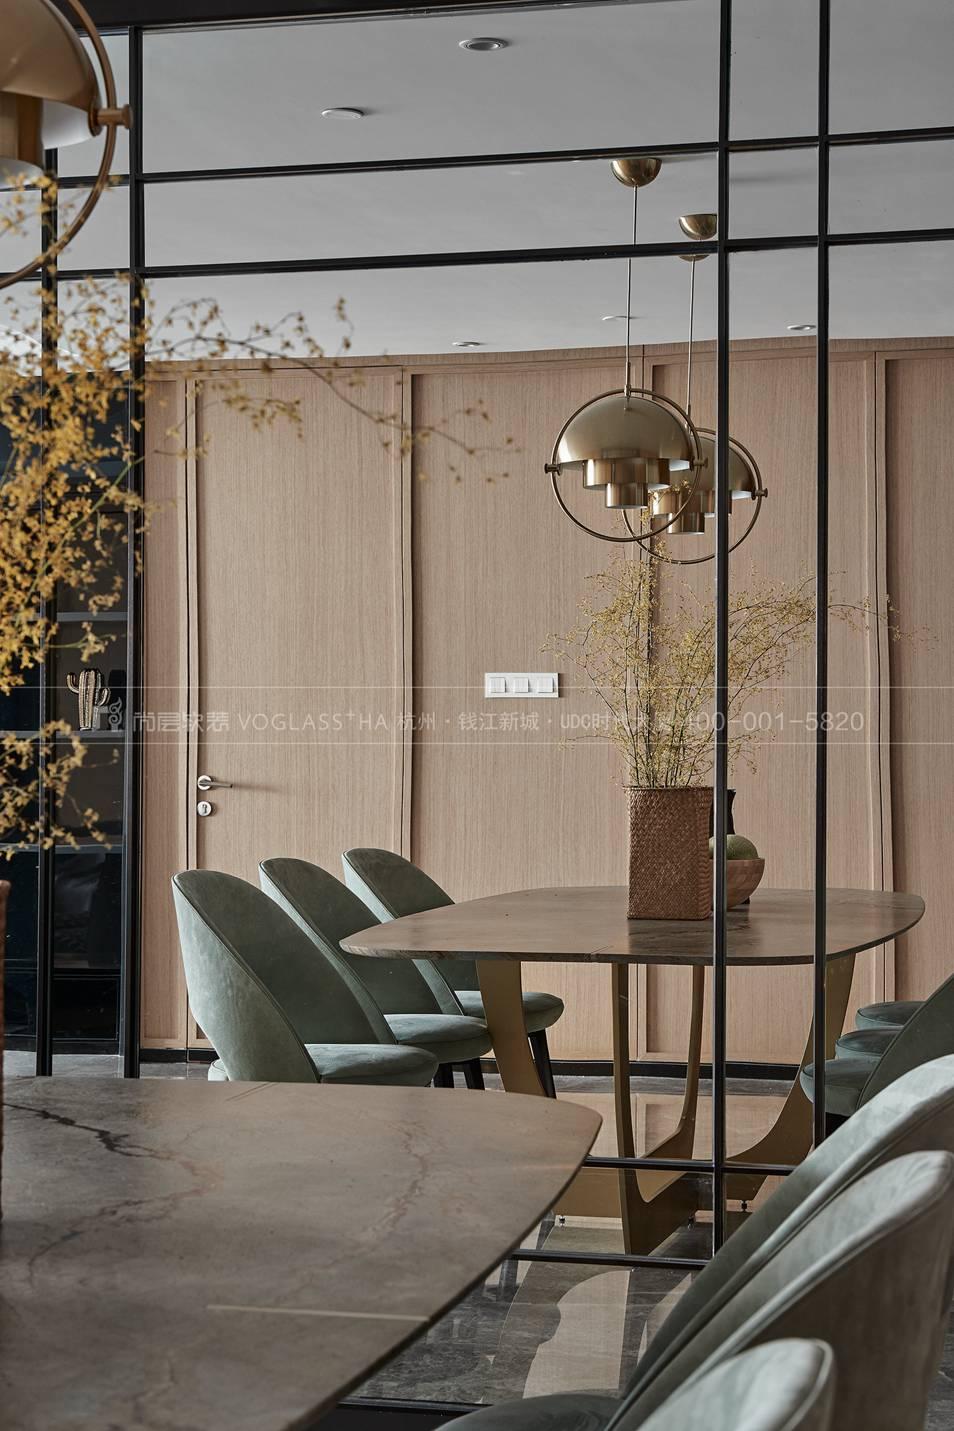 杭州軟裝公司-現代軟裝風格餐廳實景圖-杭州尚層軟裝